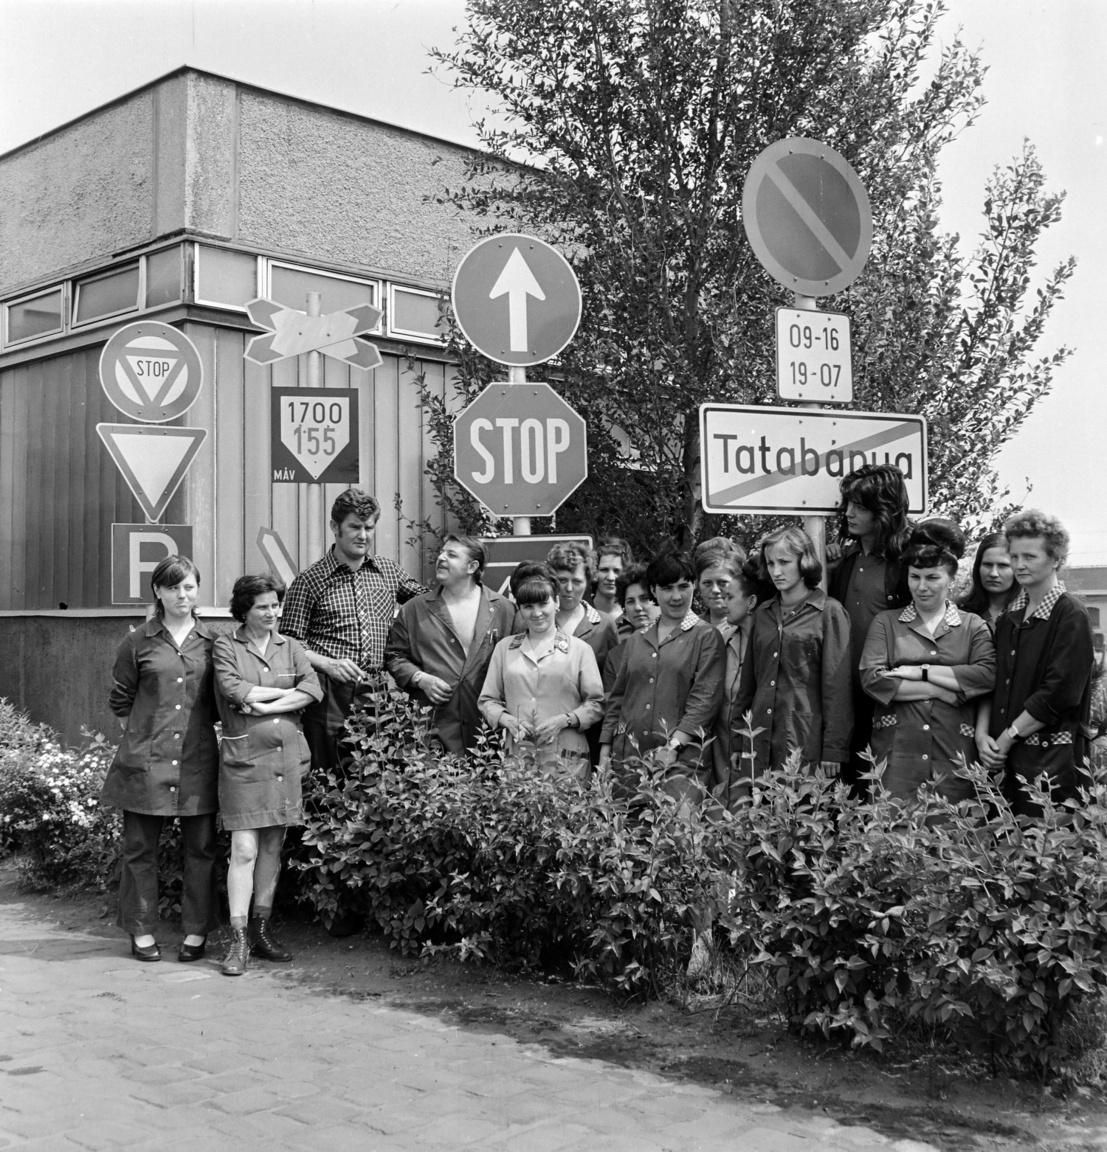 A táblafesztivál                         Egyszer volt, hol nem volt, volt abban az időben Magyarországon Rátótberény nevű falu. Akkoriban már a legkisebb települések is rendeztek valamiféle fesztivált, csak éppen Rátótberény nem. A falusiak sokat morgolódtak emiatt, hogy őket már kinevetik a városi sztk-ban is, hogy ők a fesztiválatlanok falva. A tanácselnök nagyon unta már ezeket a froclizásokat, de egyszer, amikor éppen Lajossal, a kmb-vel alkudozott a 60-as tábla alatt, hogy a 90, az majdnem hatvan, csak fordítva áll, belévillant a felismerés.                         Rátótberény már a következő év nyarán megrendezte az első magyar KRESZ-táblafesztivált. Az esemény jelentőségét azonban nagymértékben mérsékelte az a tény, hogy az országban egyetlen településen, éppen Rátótberényben működött KRESZ-táblagyár, így a fesztivál enyhén szólva sem mozgatott meg hatalmas tömegeket. A kivezényelt helyiek pedig annyira sem voltak lelkesek, mint amikor a román nép testvérdelegációjának cujkabemutatójára kellett menniük. Ráadásul a szervezők a Rátótberény vége tábla alá egy Behajtani tilos táblát akartak kitenni, tréfás utalásként, hogy a fesztiválról elmenni tilos. Ám a tábla a hanyag csavarozás miatt elfordult, így a faluba érkezőket fogadta. Azok pedig, táblatisztelő elvtársak lévén, türelmesen vártak, hogy a tiltást feloldja valaki. Ha a vendégek türelmesen nem vártak volna, az én mesém is tovább tartott volna.